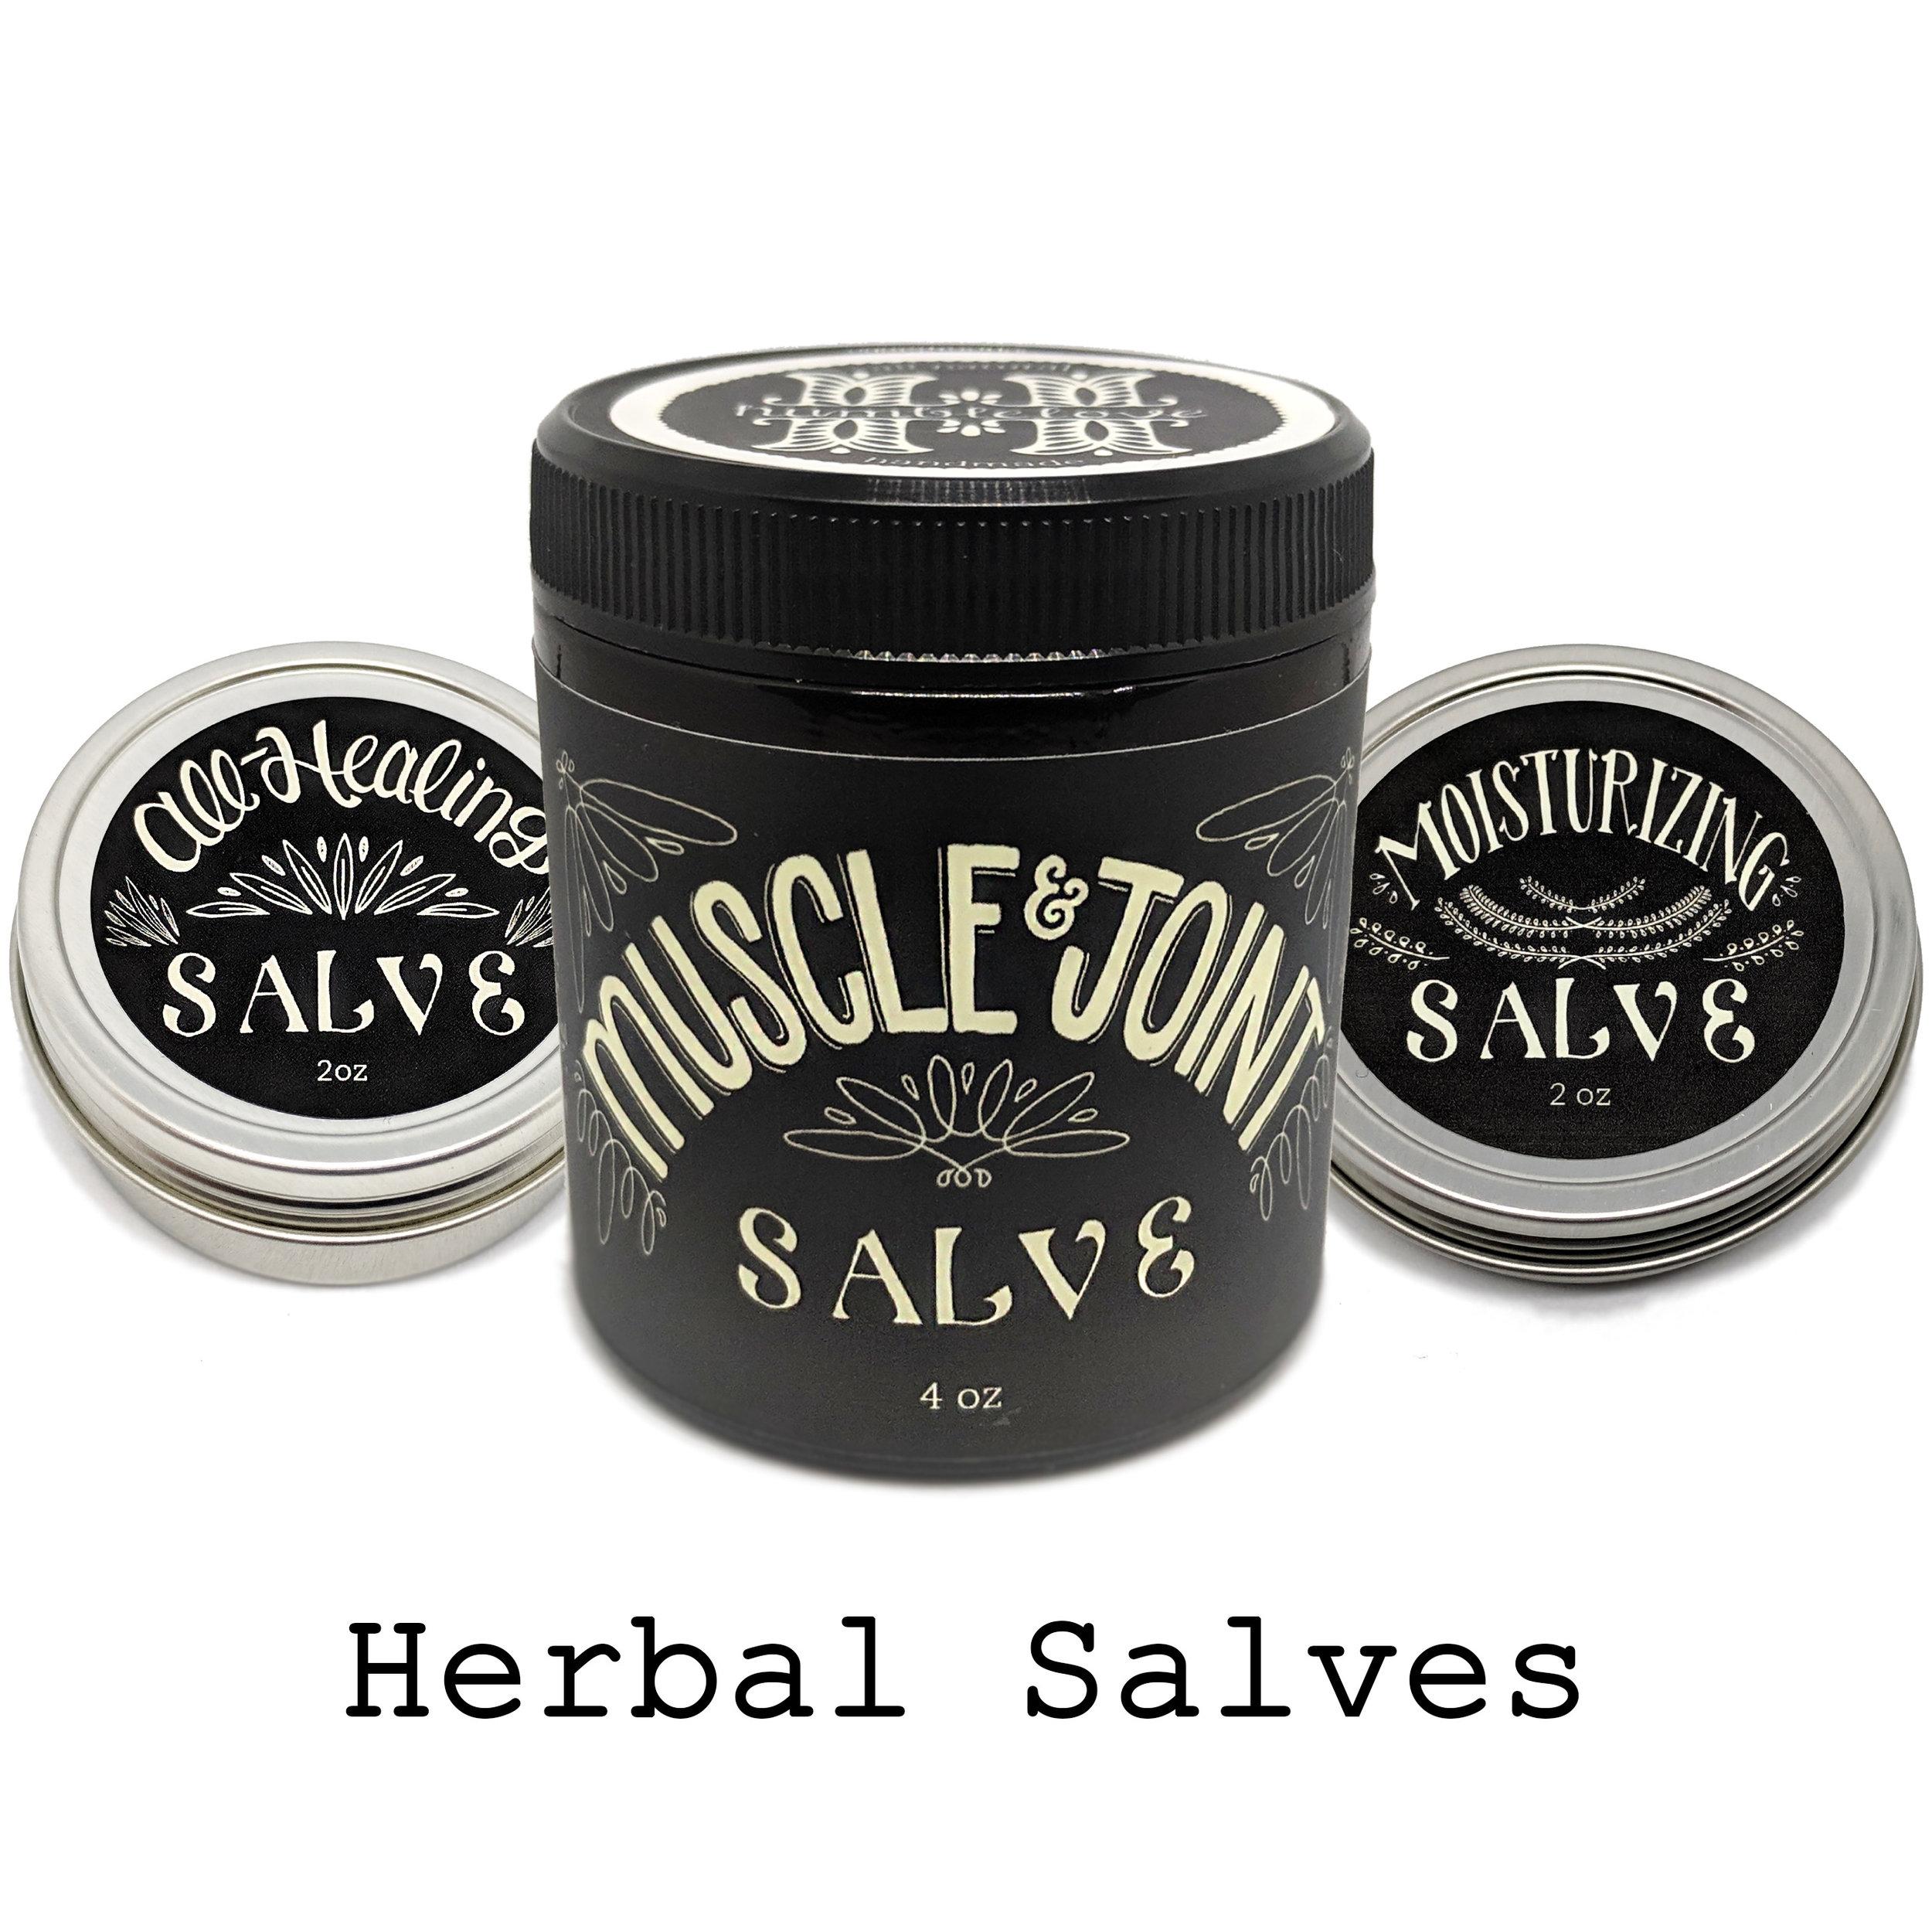 HerbalSalves.jpg